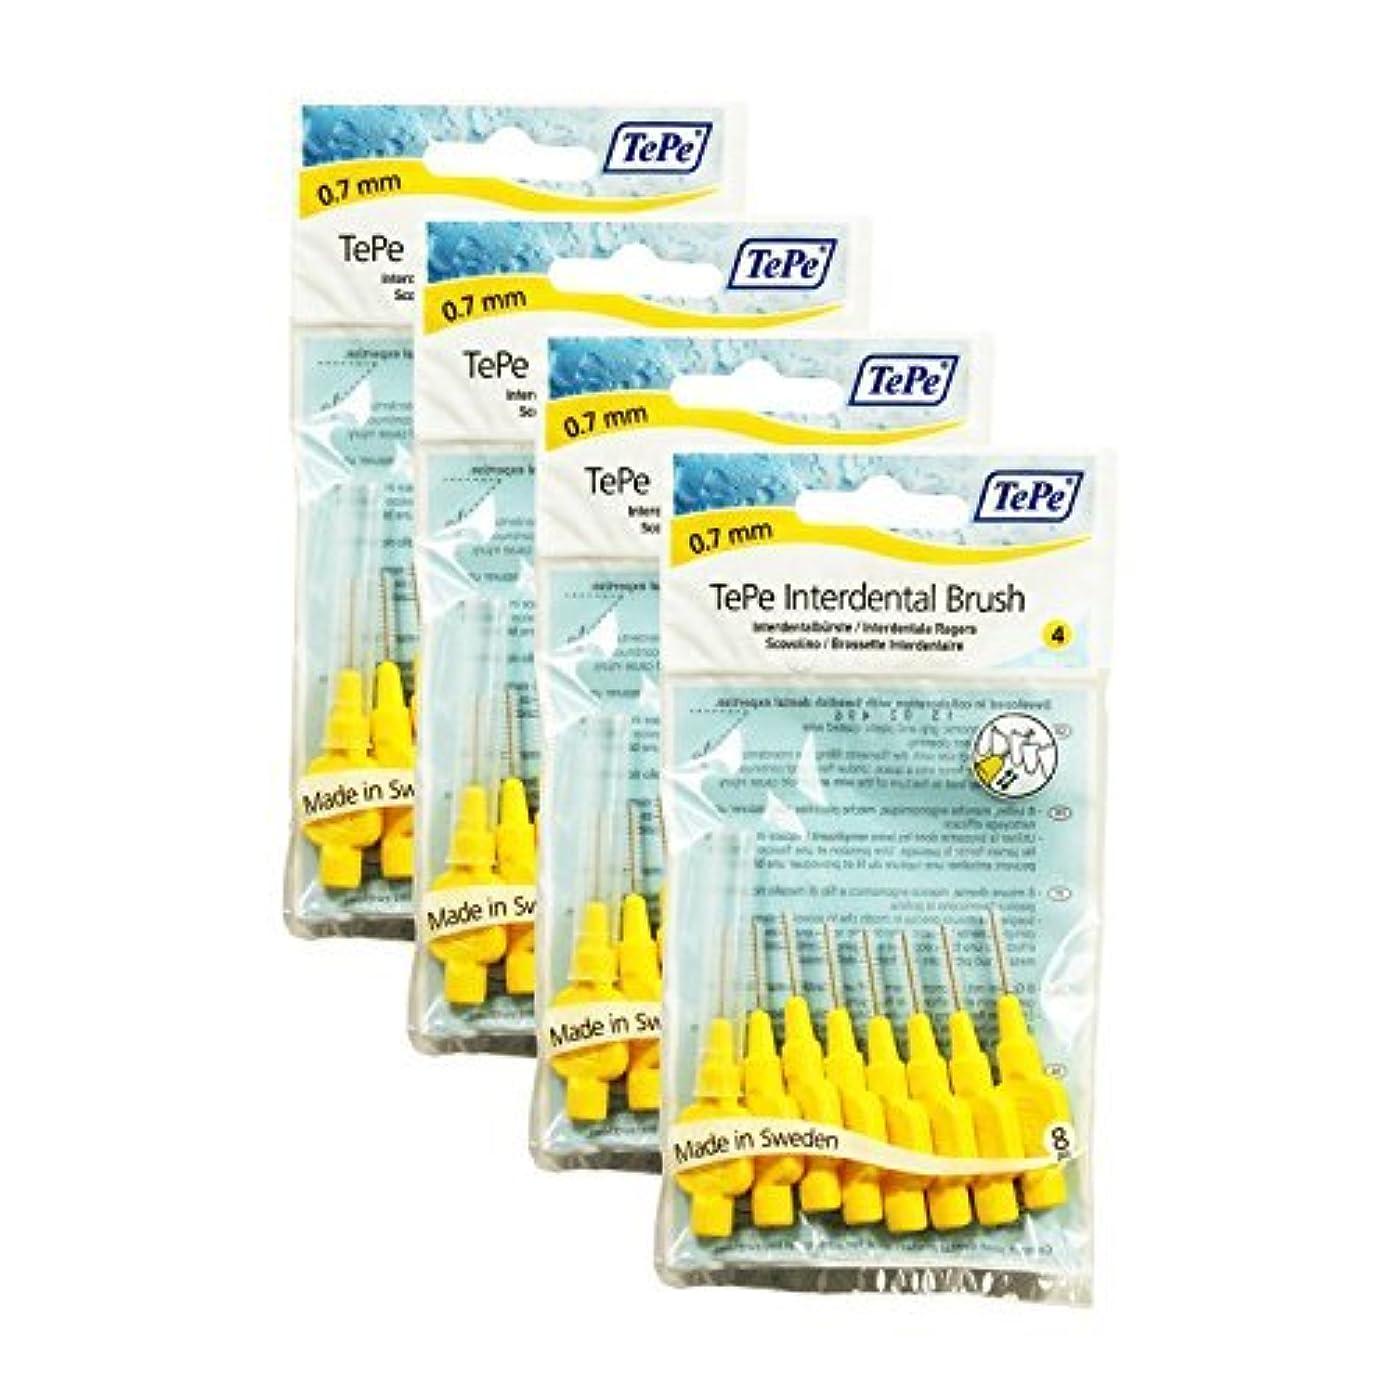 過ち交じる威信Tepe Interdental Brushes Yellow 0.7mm - One month supply - 32 Brushes by TePe [並行輸入品]